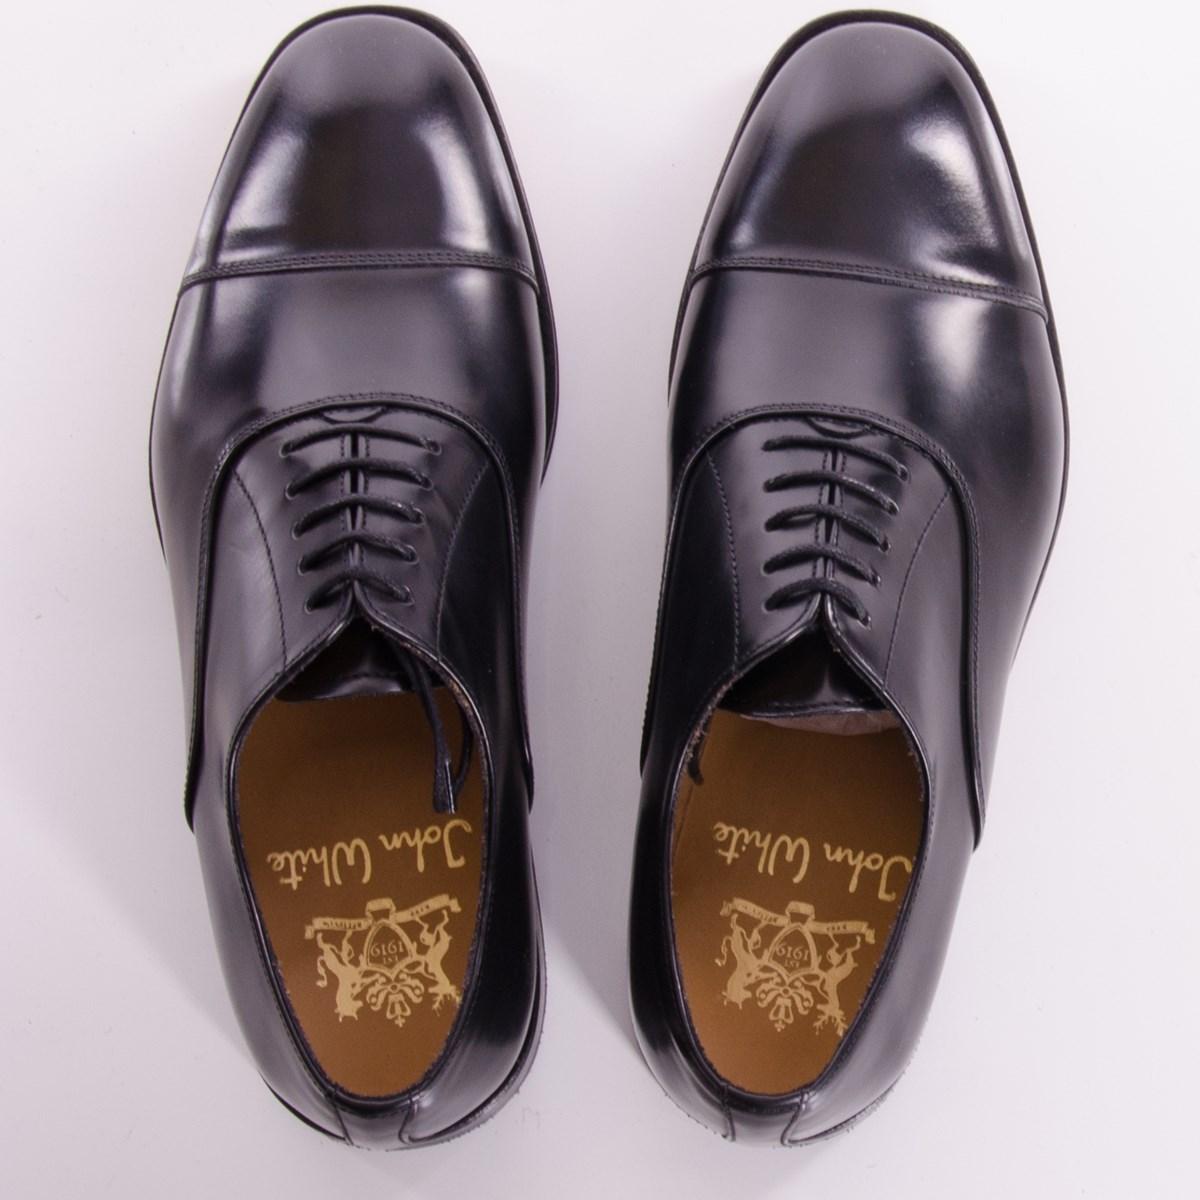 ba6f5e05a76701 john_white_1203037_oxford-4. Previous; Next. Oxford Black Polished Shoes By John  White ...